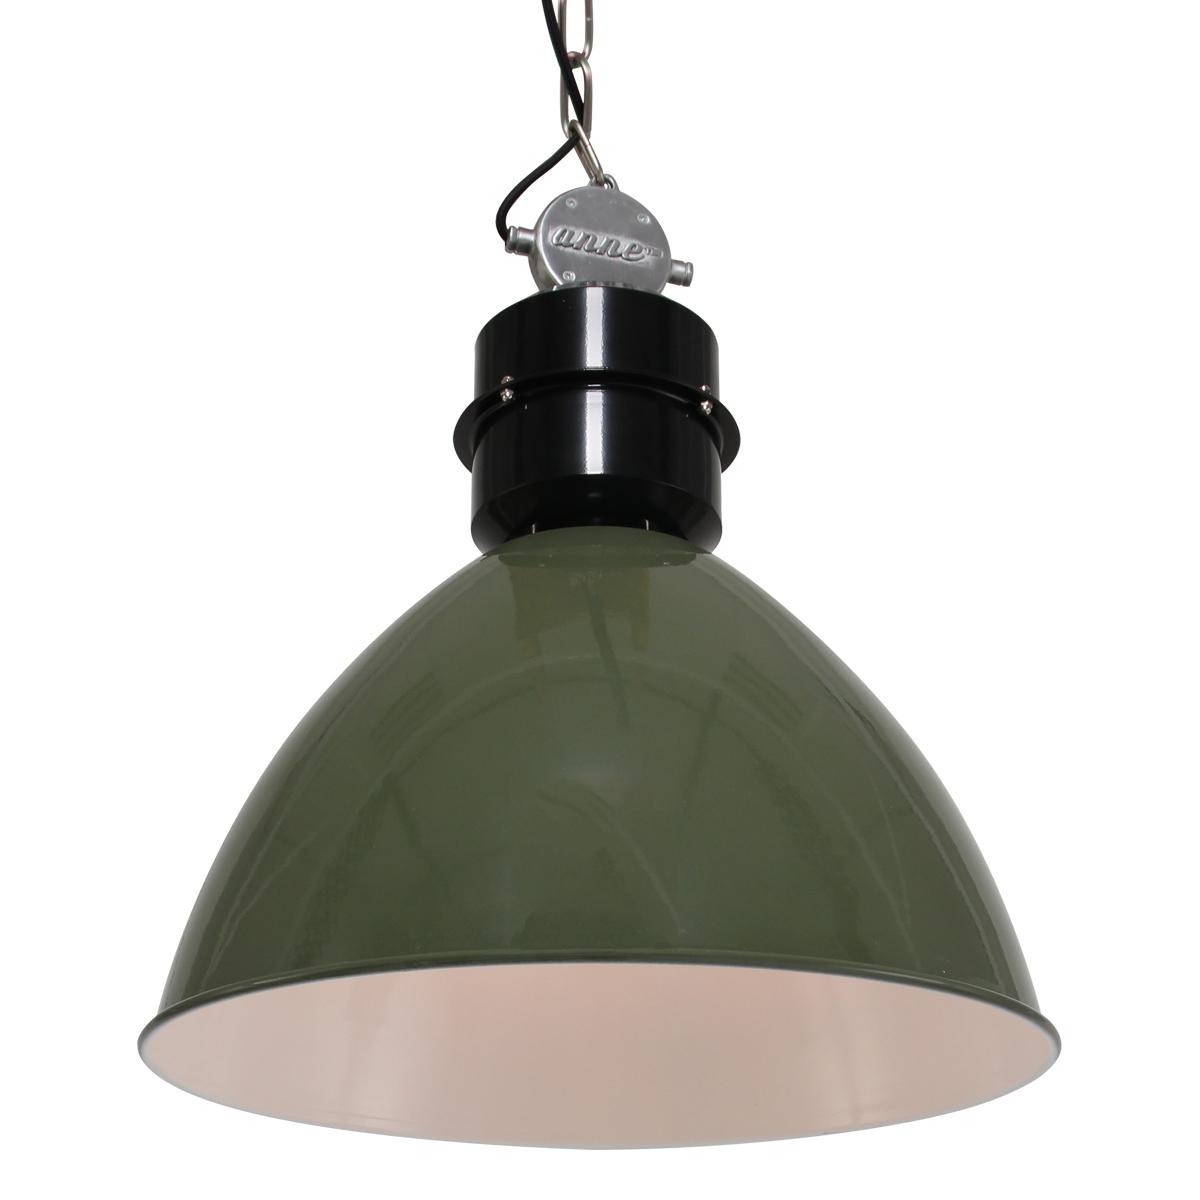 Hanglamp Anne Light & home Frisk Groen 7696G-7696G